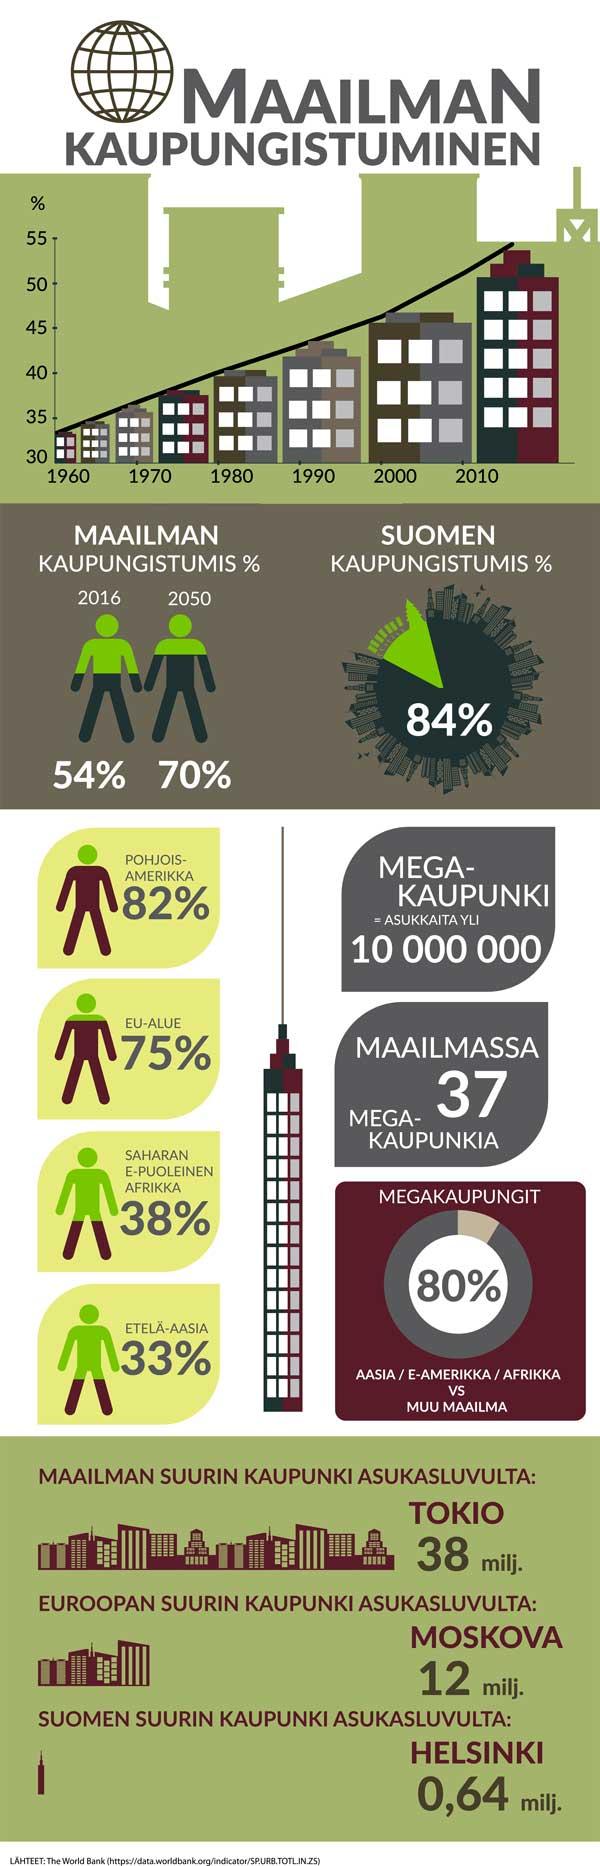 Maailman kaupungistumisesta kertova infograafi